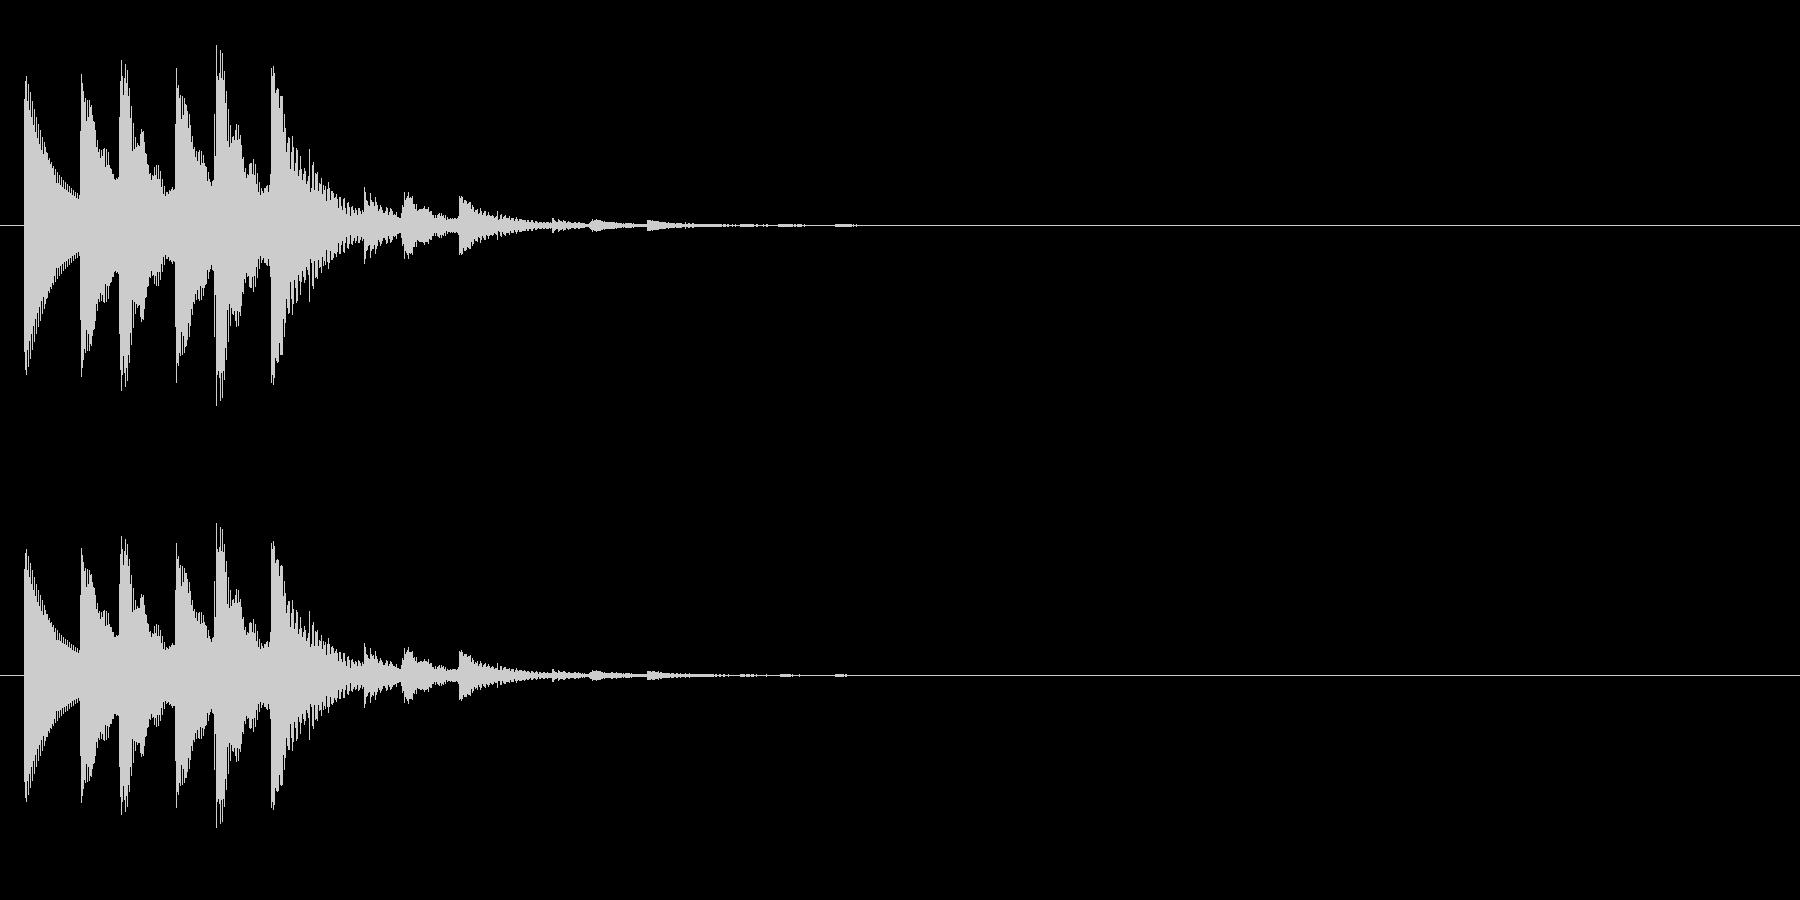 チャリチャリチャリーンなコイン獲得の音5の未再生の波形